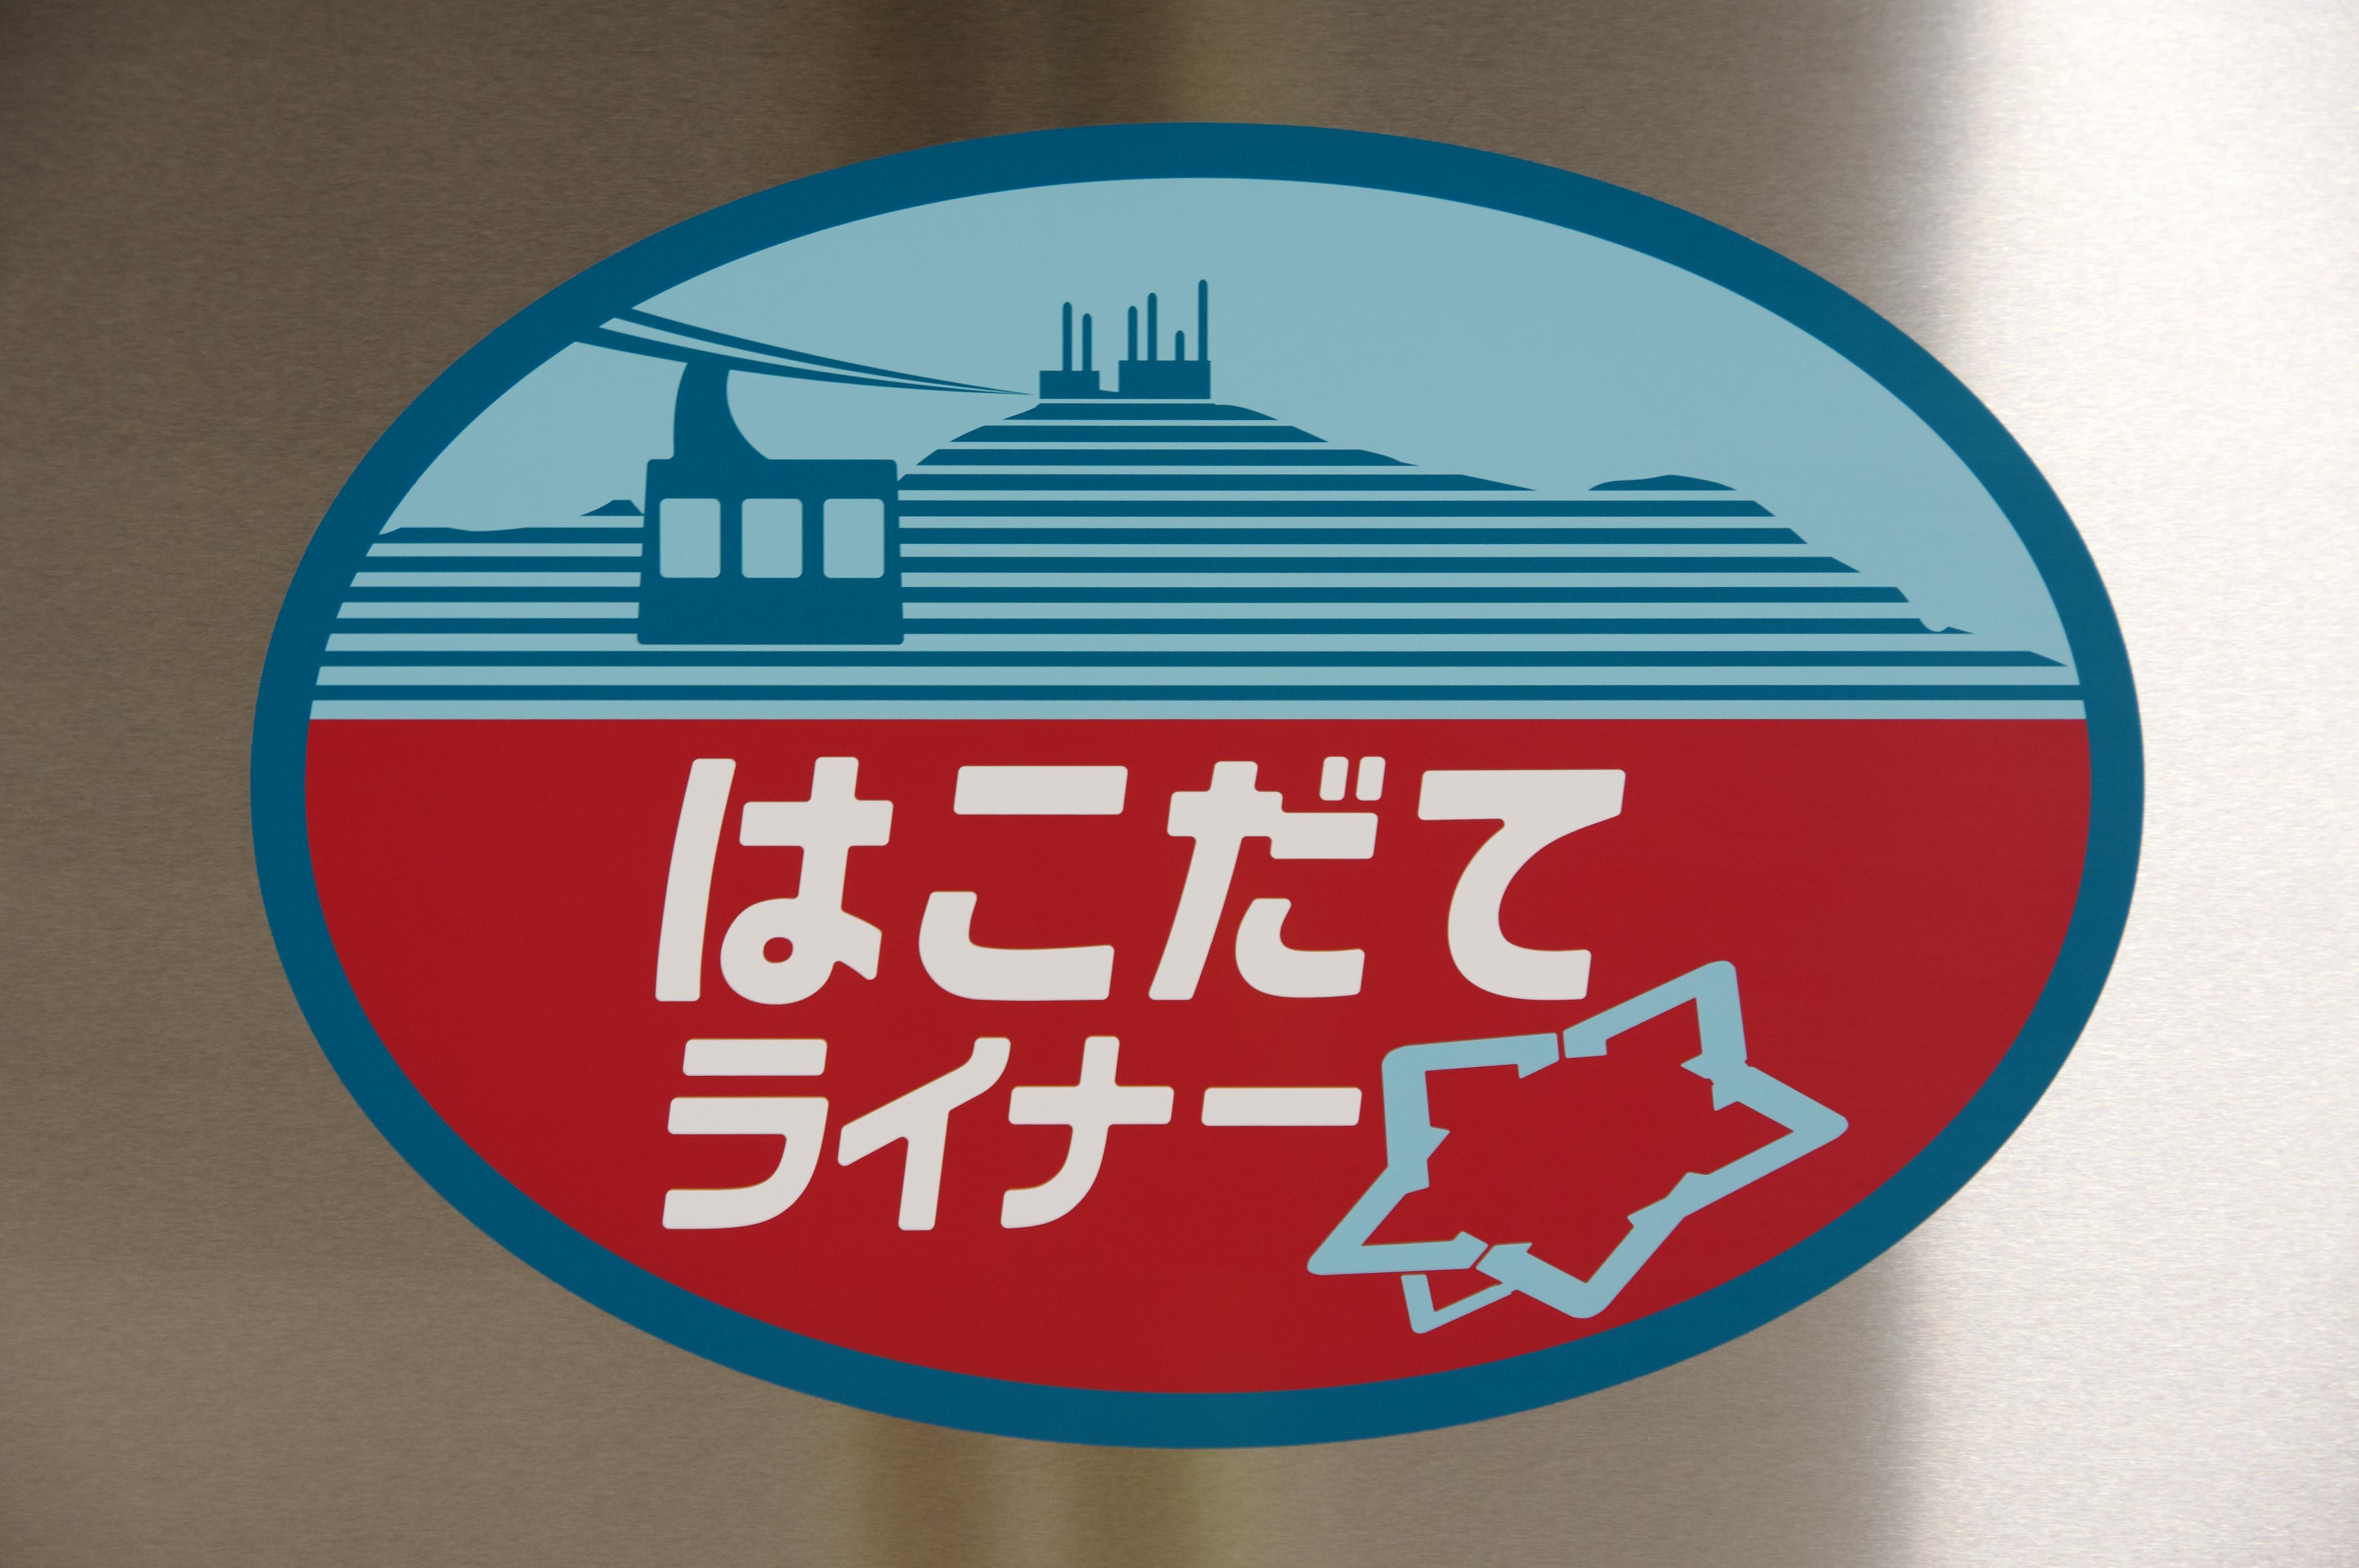 733系1000番台 3356M 快速はこだてライナー ロゴ 新函館北斗駅_190120.jpg